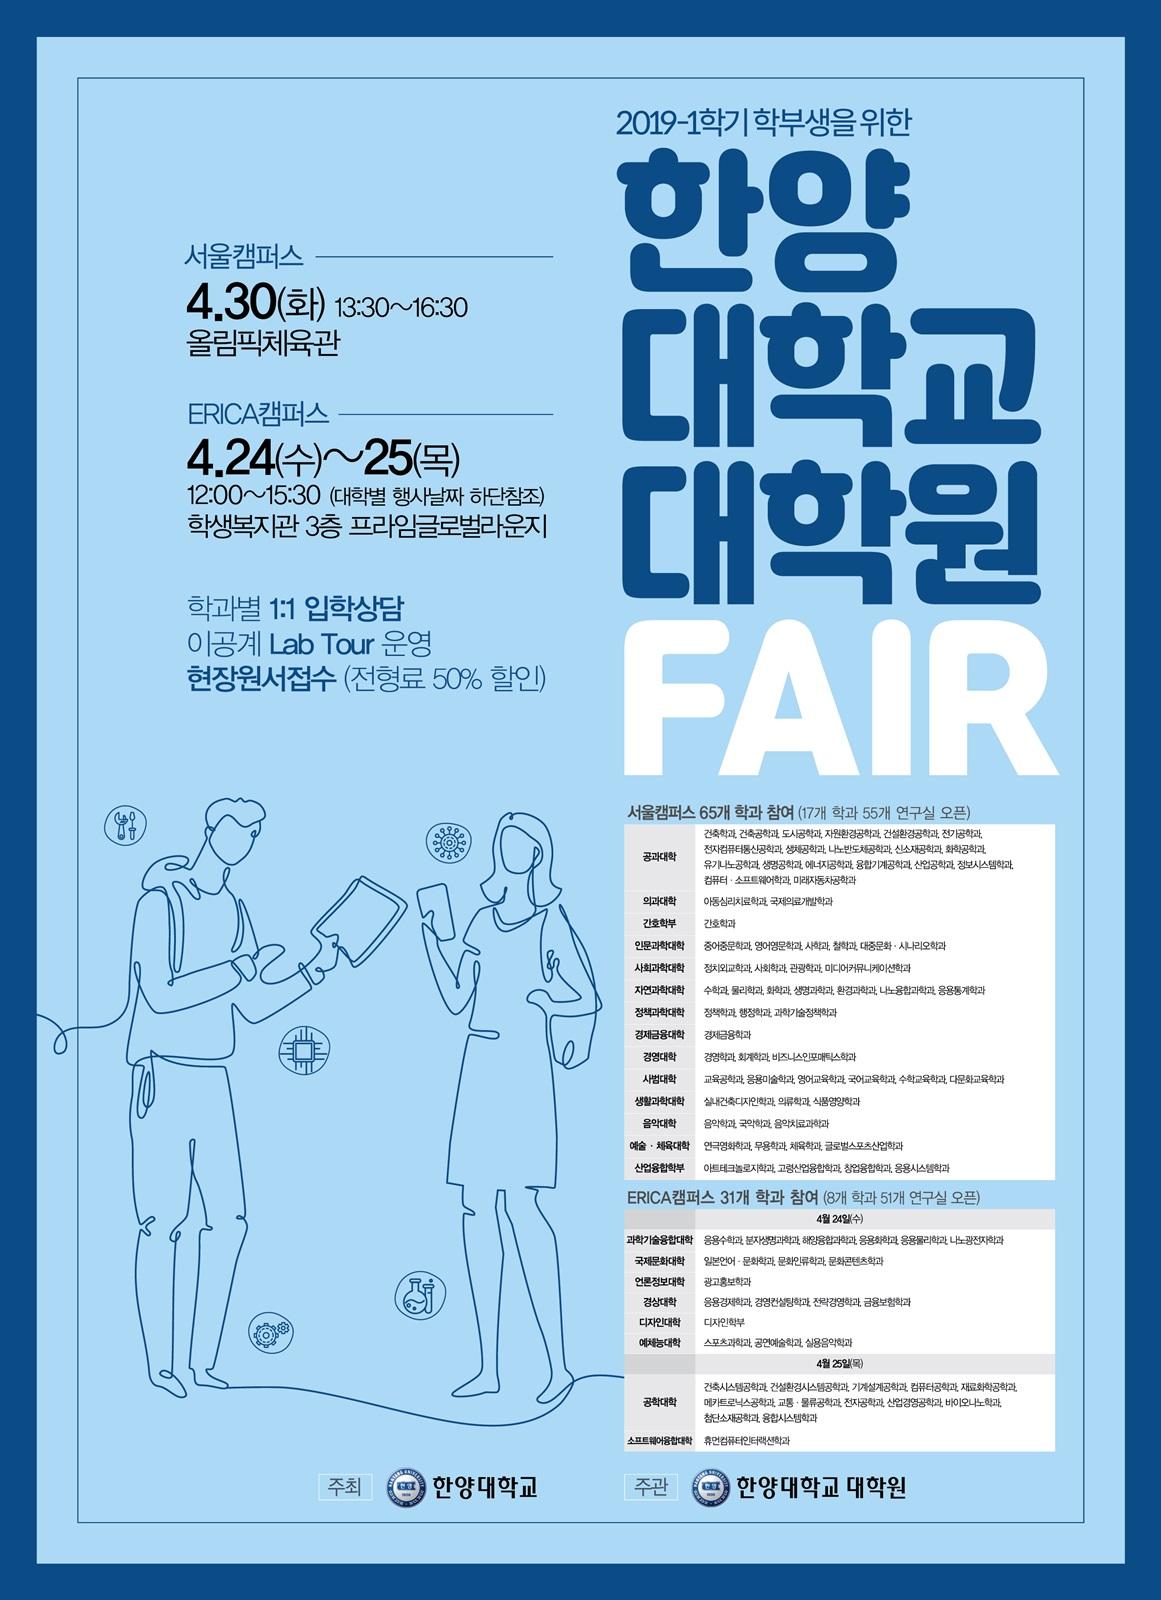 2019 한양대학교 대학원 FAIR